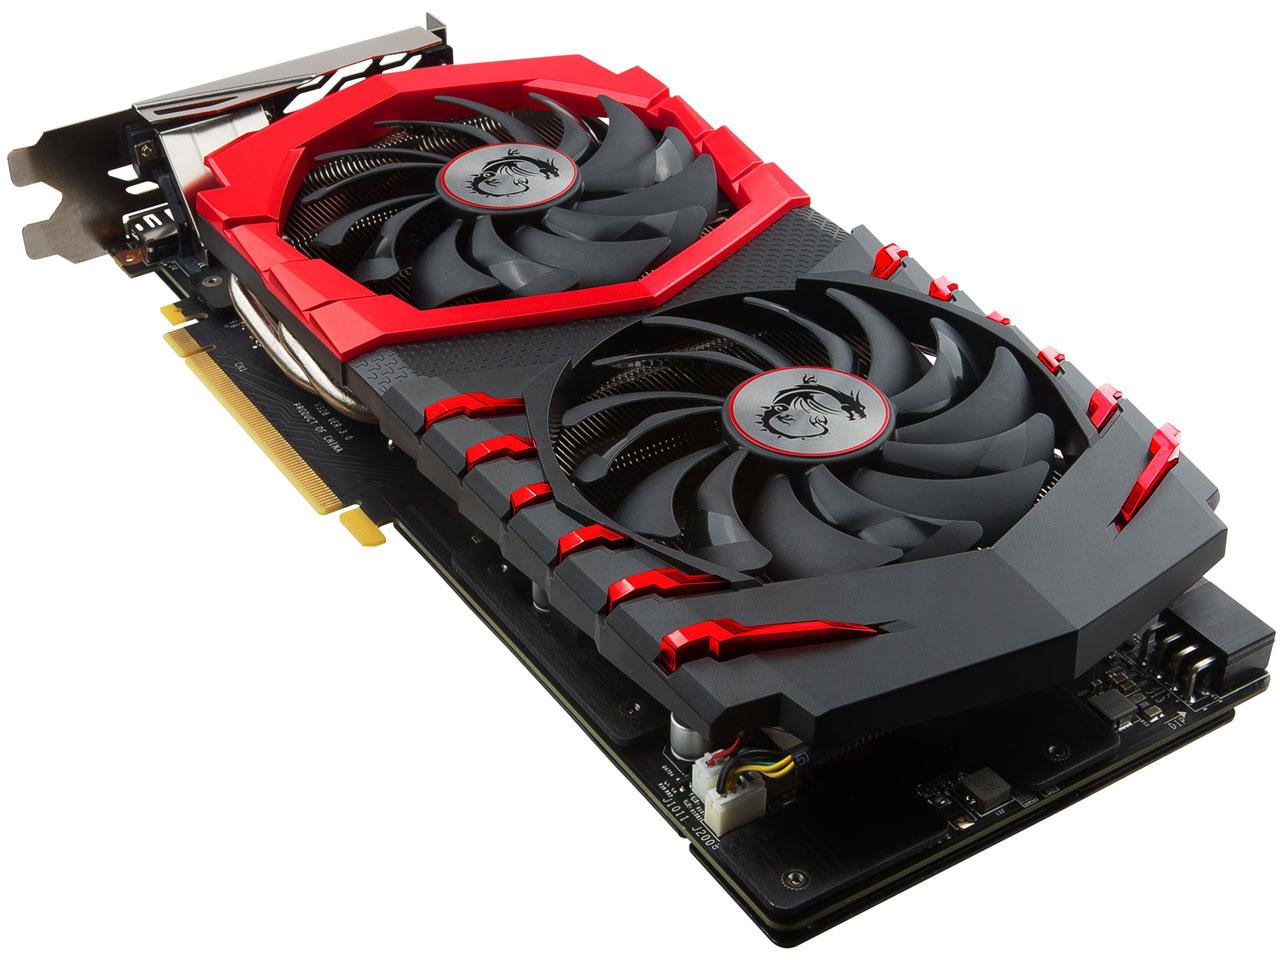 『本体2』 GTX 1060 GAMING X 6G [PCIExp 6GB] の製品画像